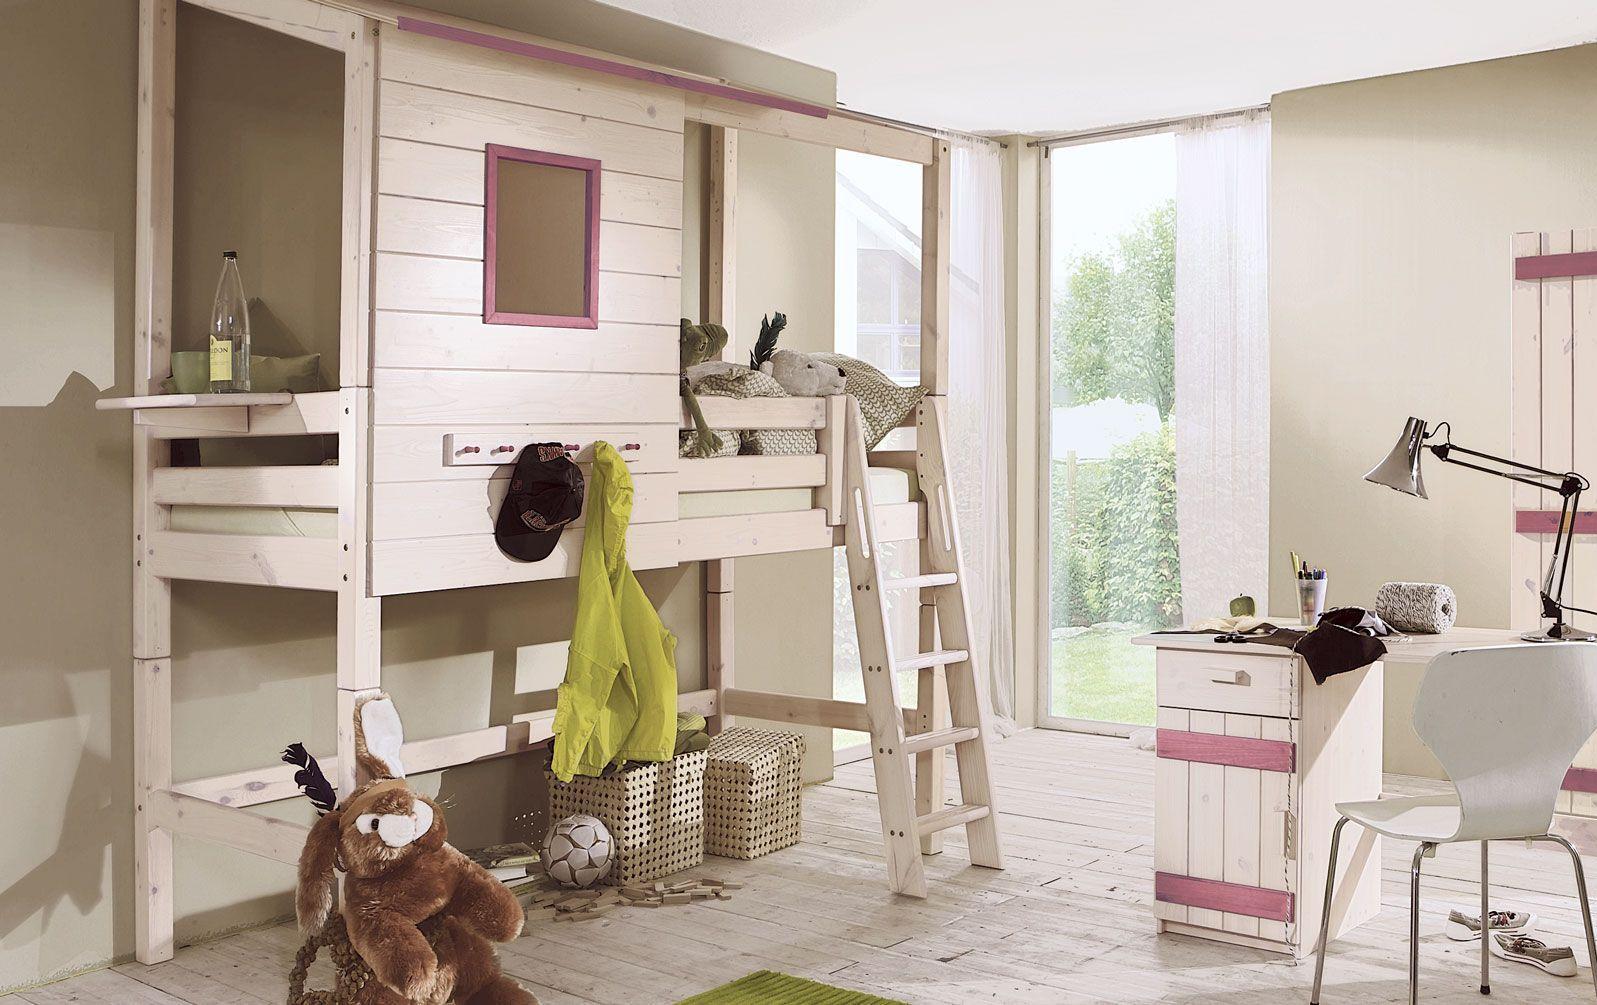 Abenteuer-Hochbett Kids Paradise aus Massivholz in weiß und flieder